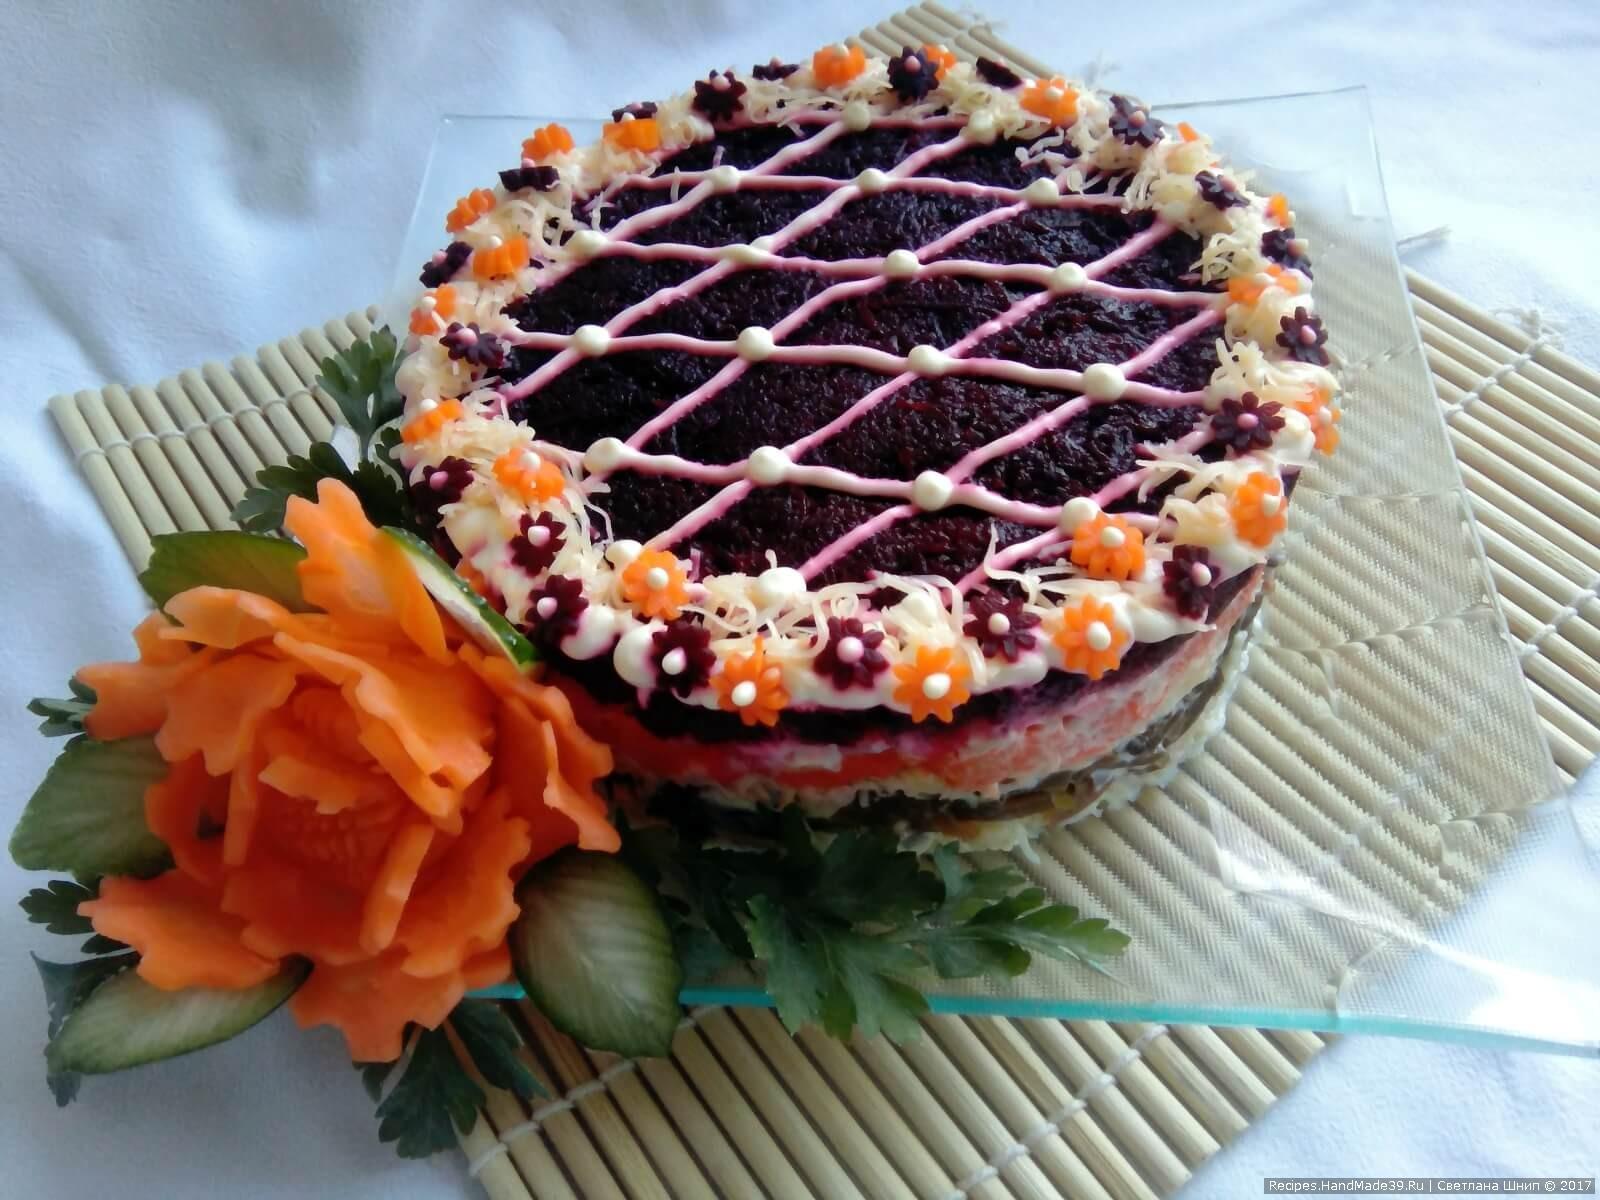 Вегетарианский салат «Шуба» с морской капустой готов! Приятного аппетита!